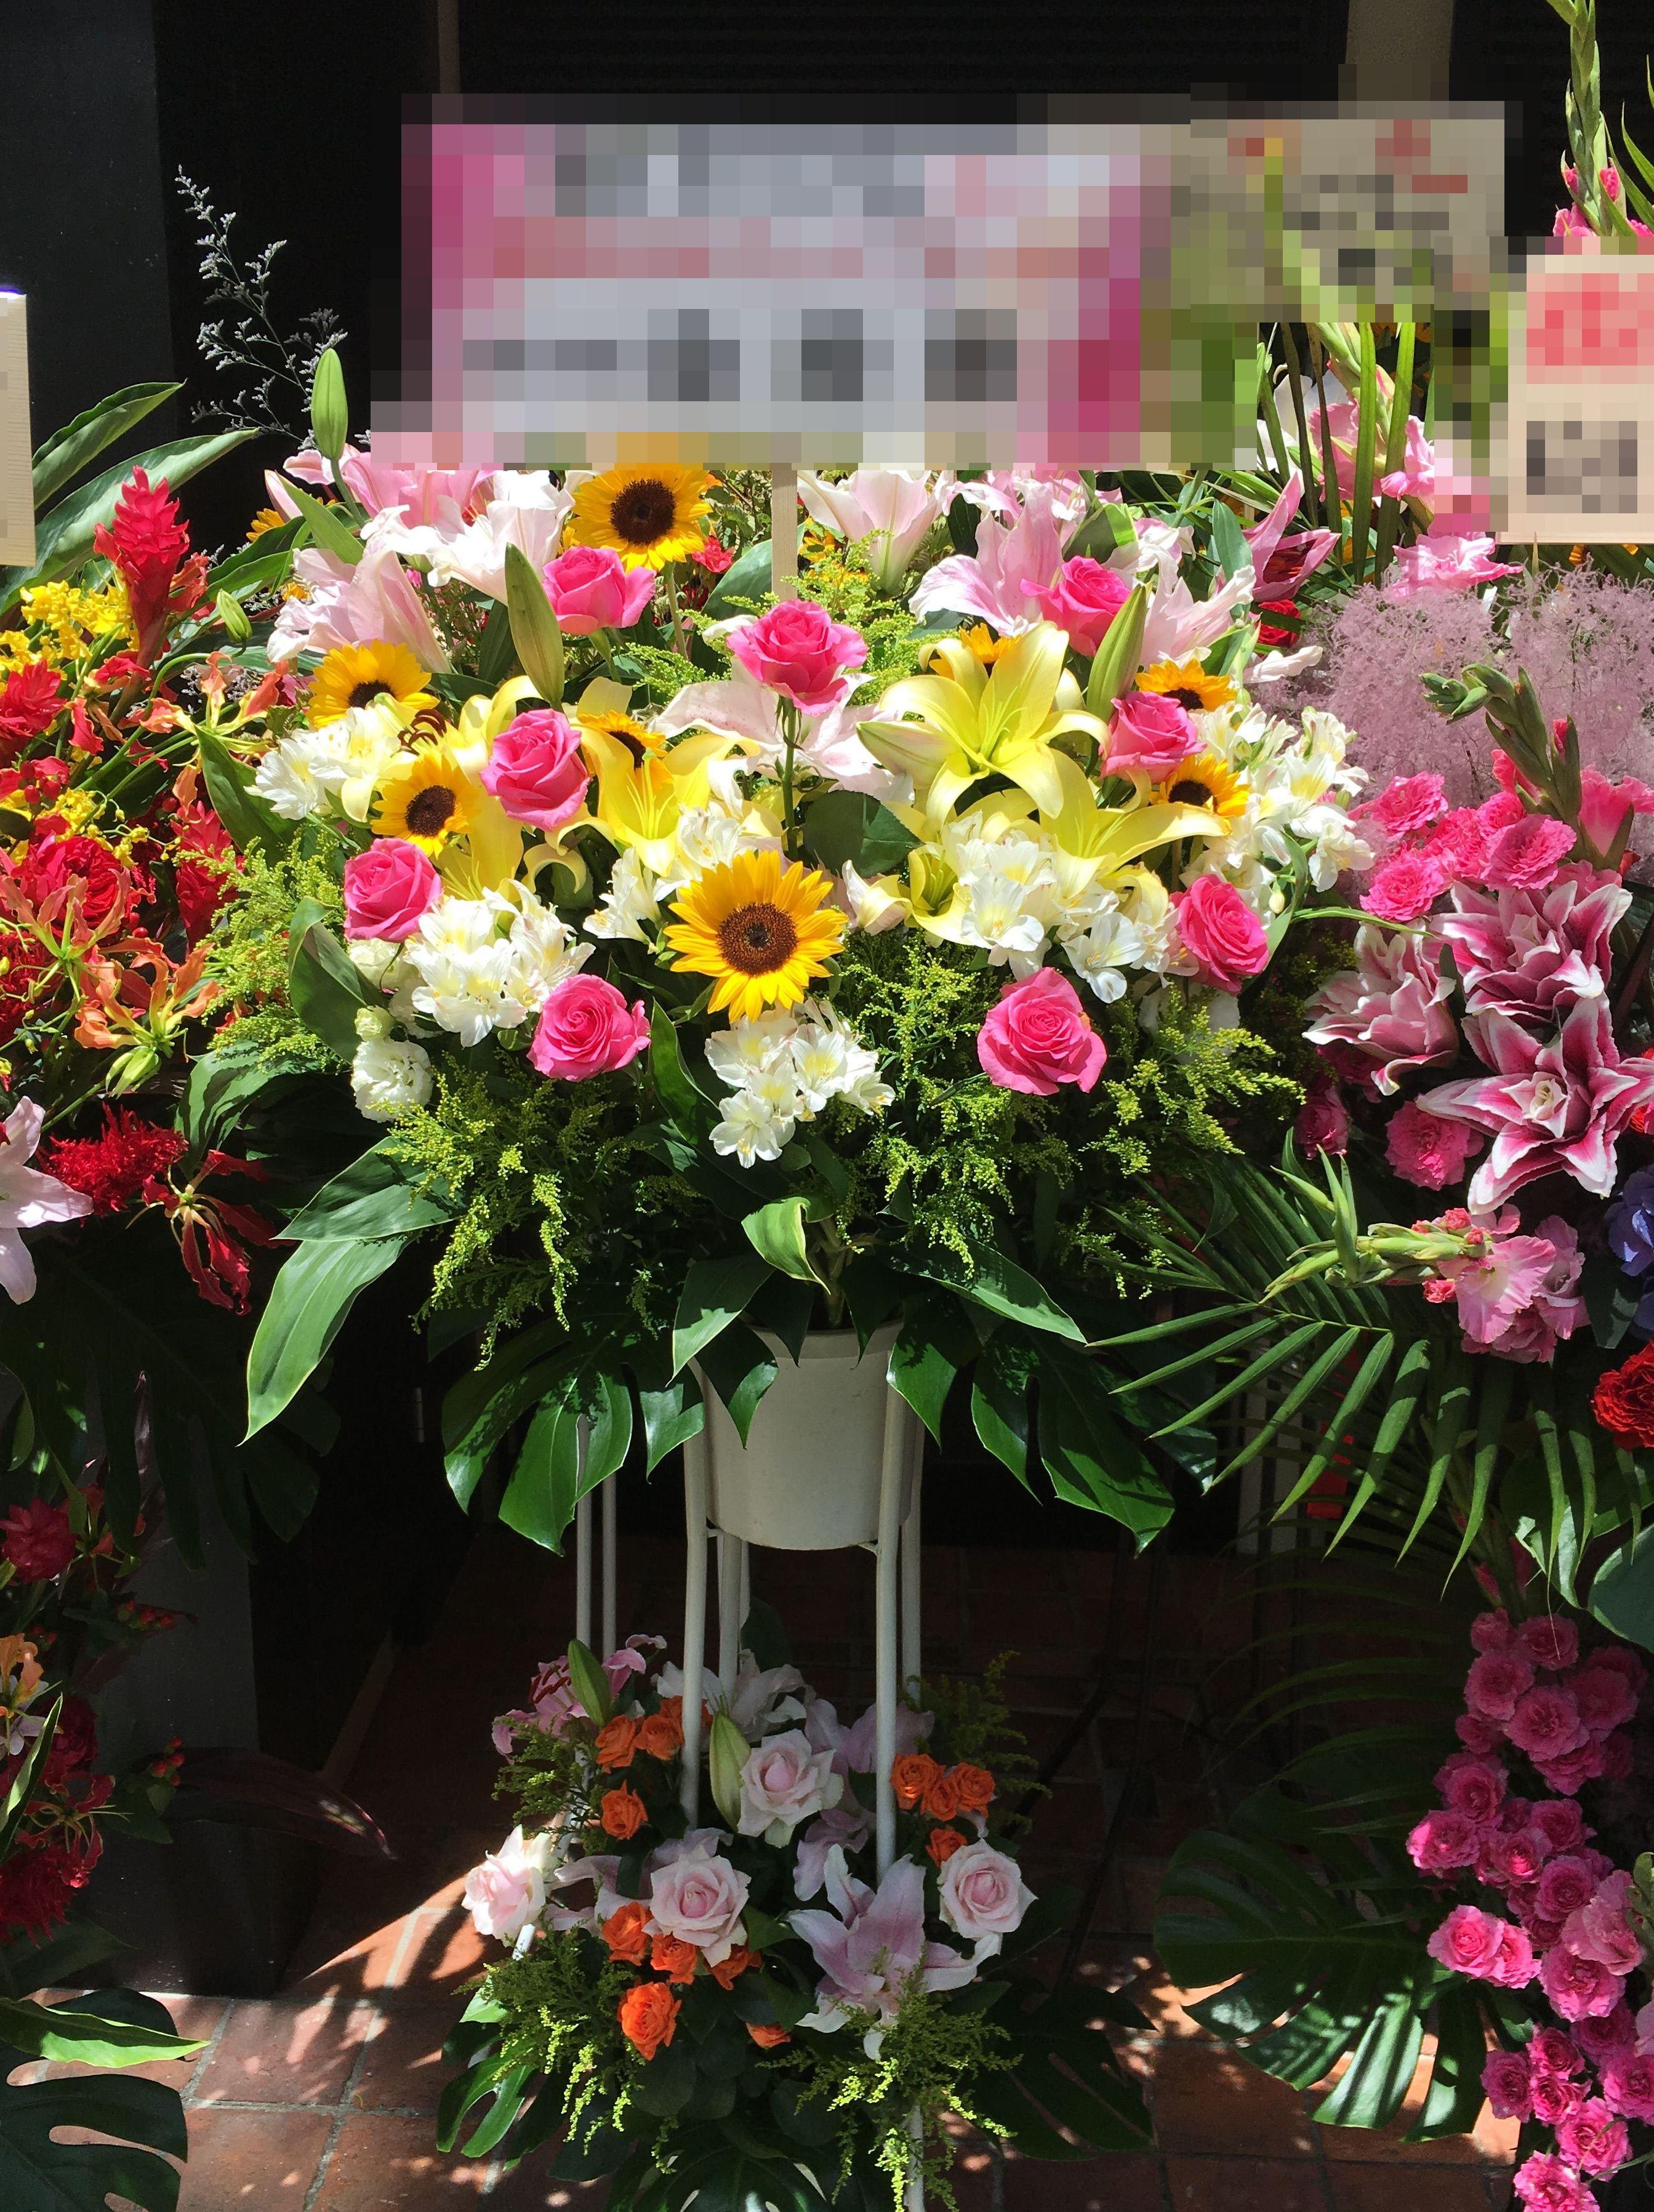 【ナオ花屋の納品事例88】横浜市関内福富町の法人企業様へアレンジメントを配達しました!